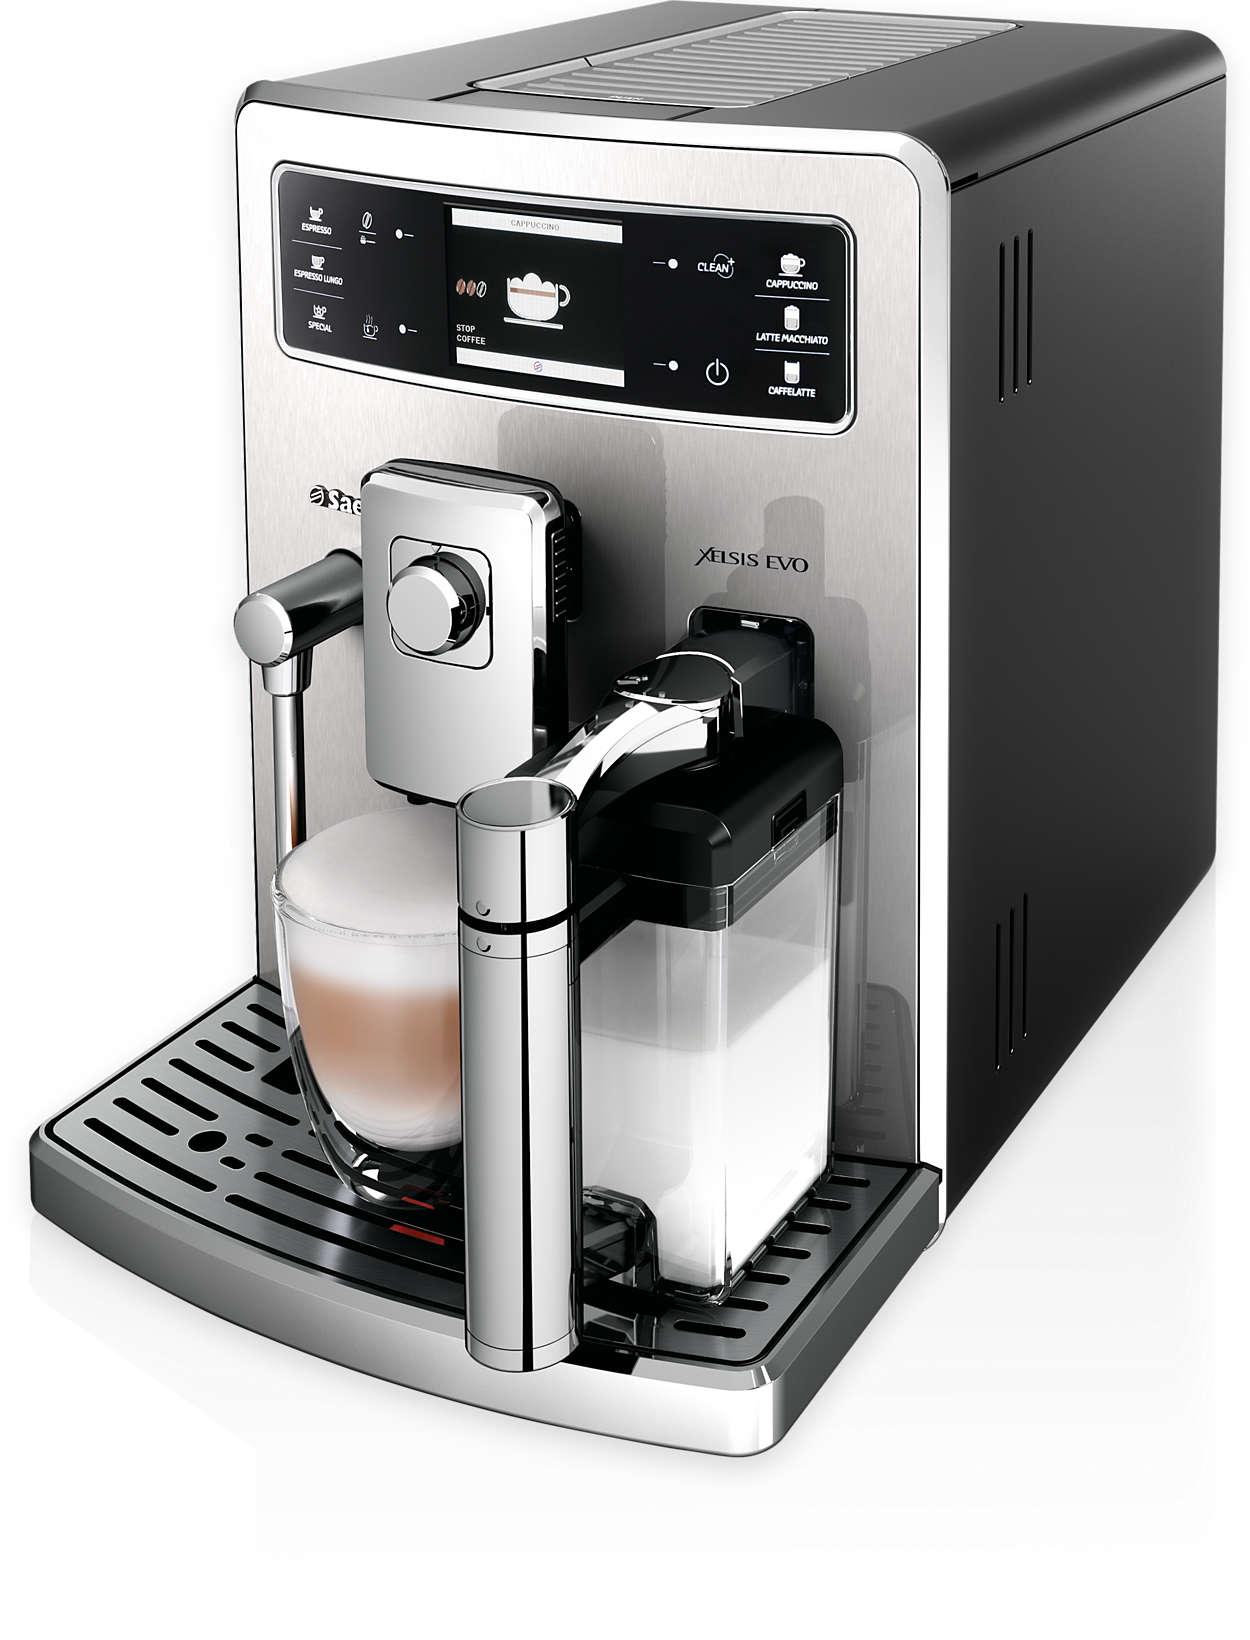 Un espresso manuel facilement